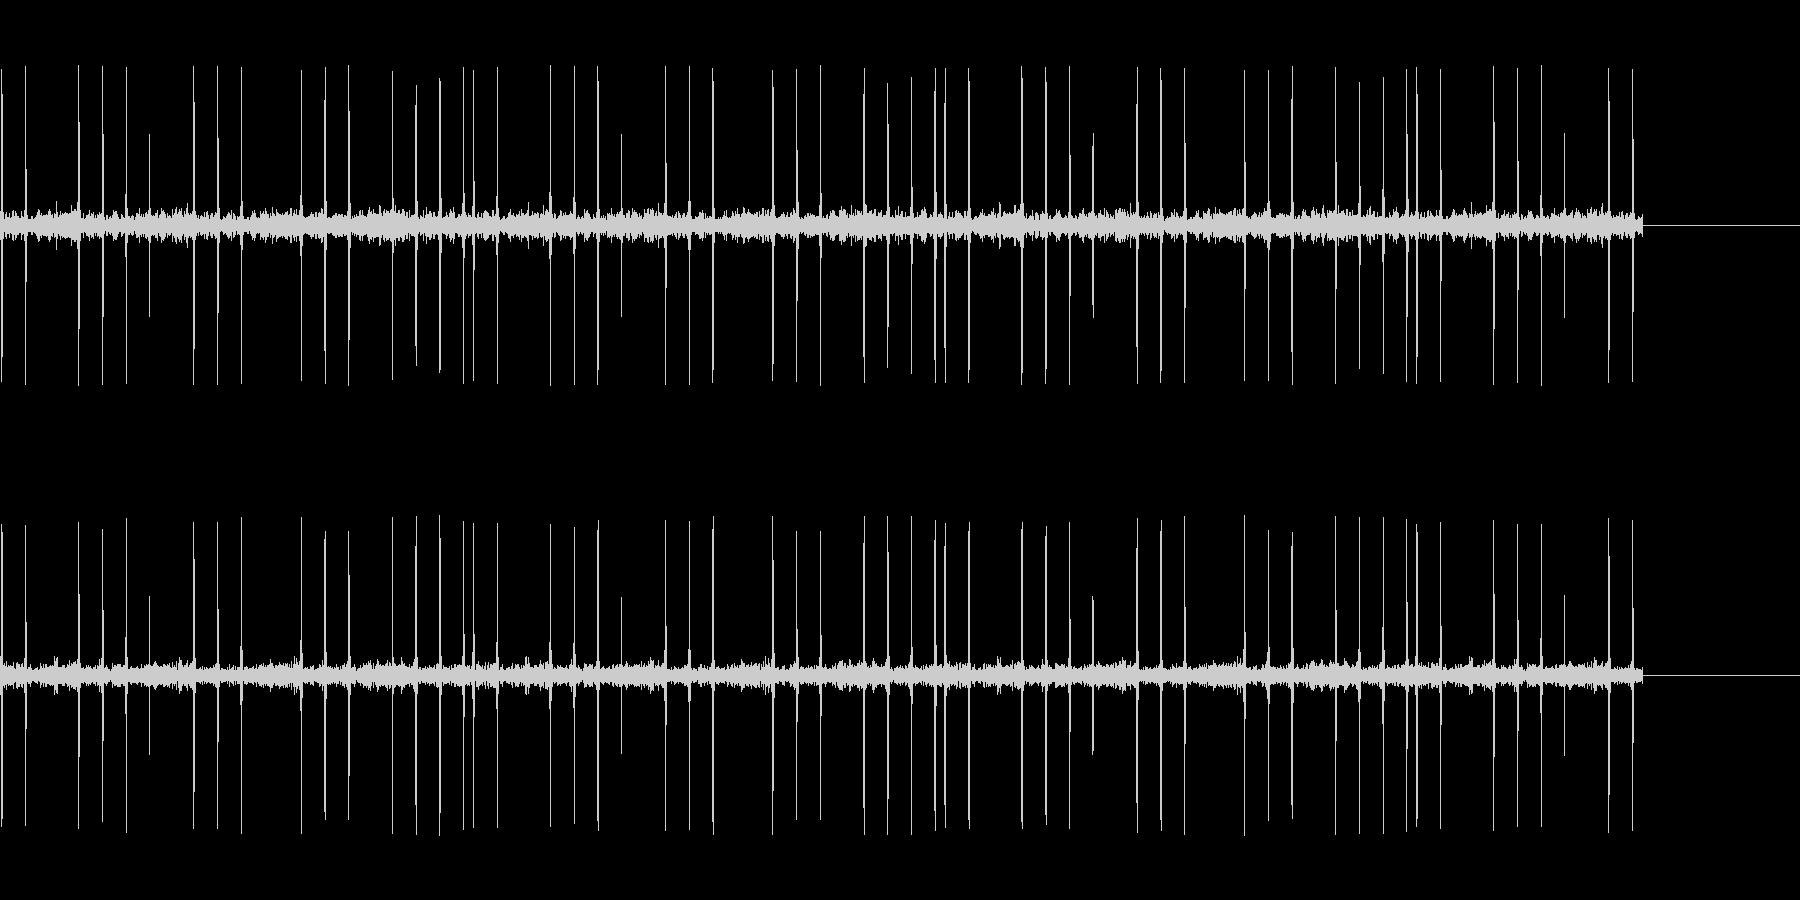 宇宙人の信号の未再生の波形